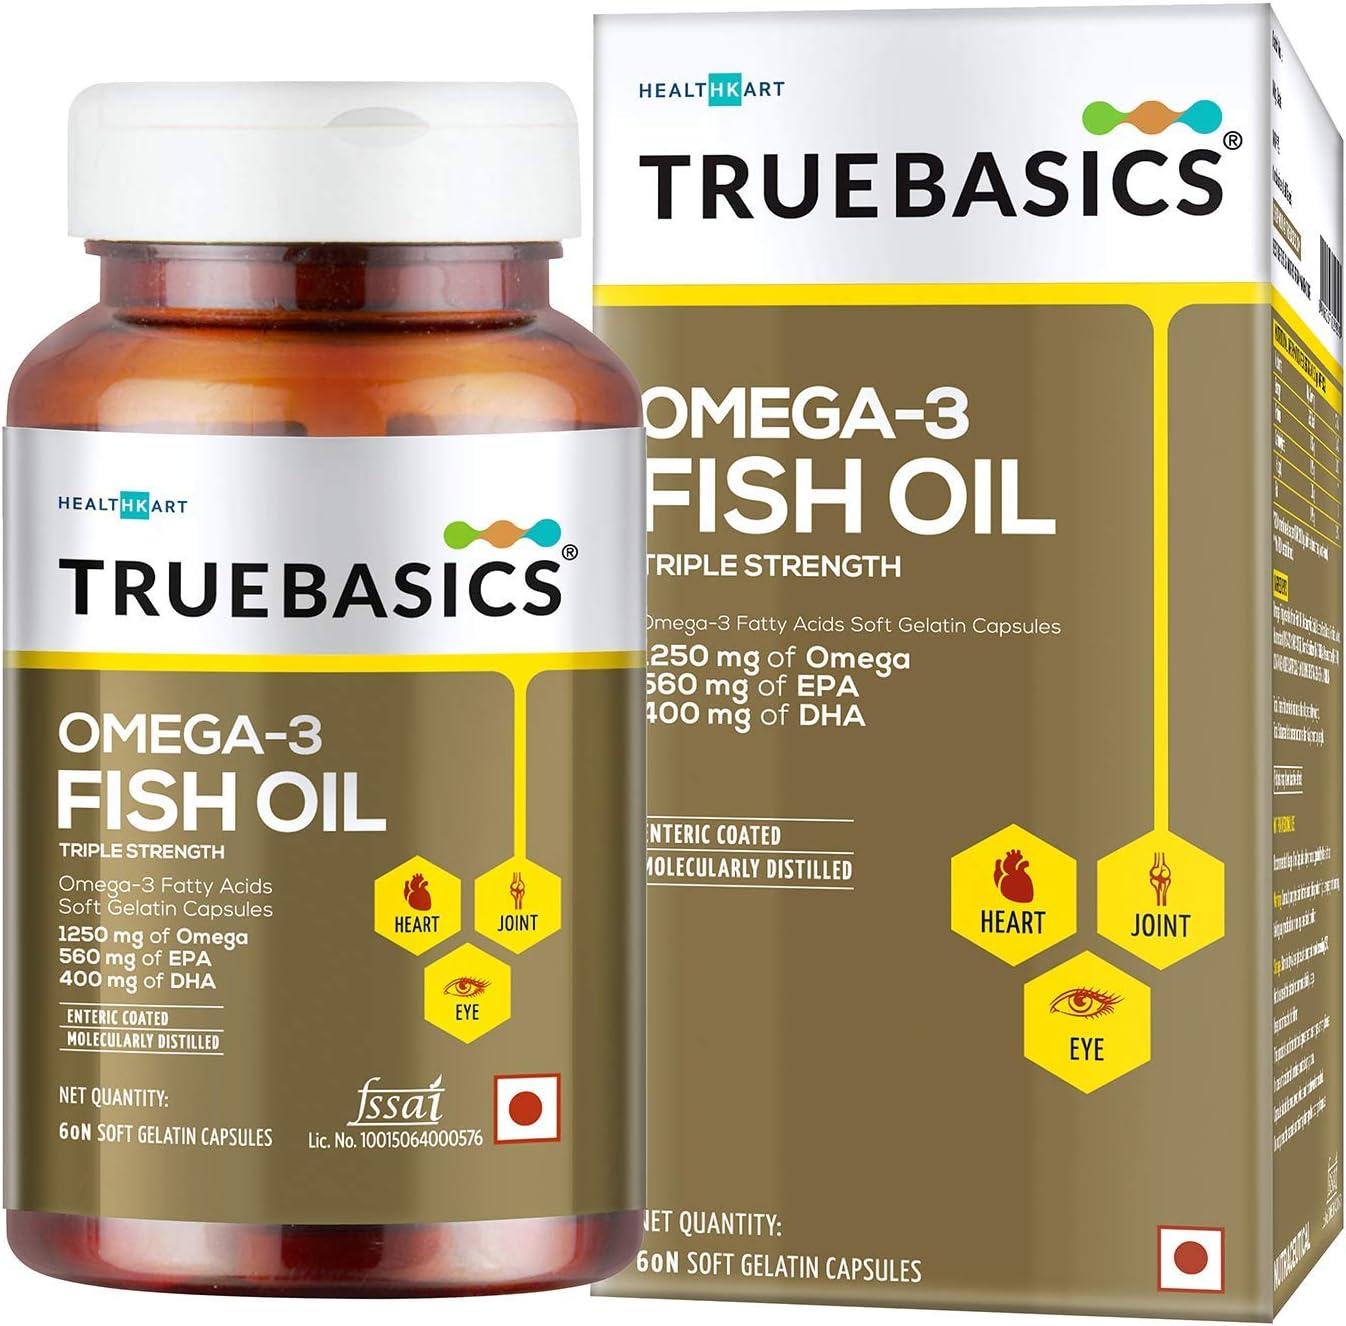 Polet TrueBasics New popularity Omega Regular store 3 Fish Oil Women Men Tr for and Capsules